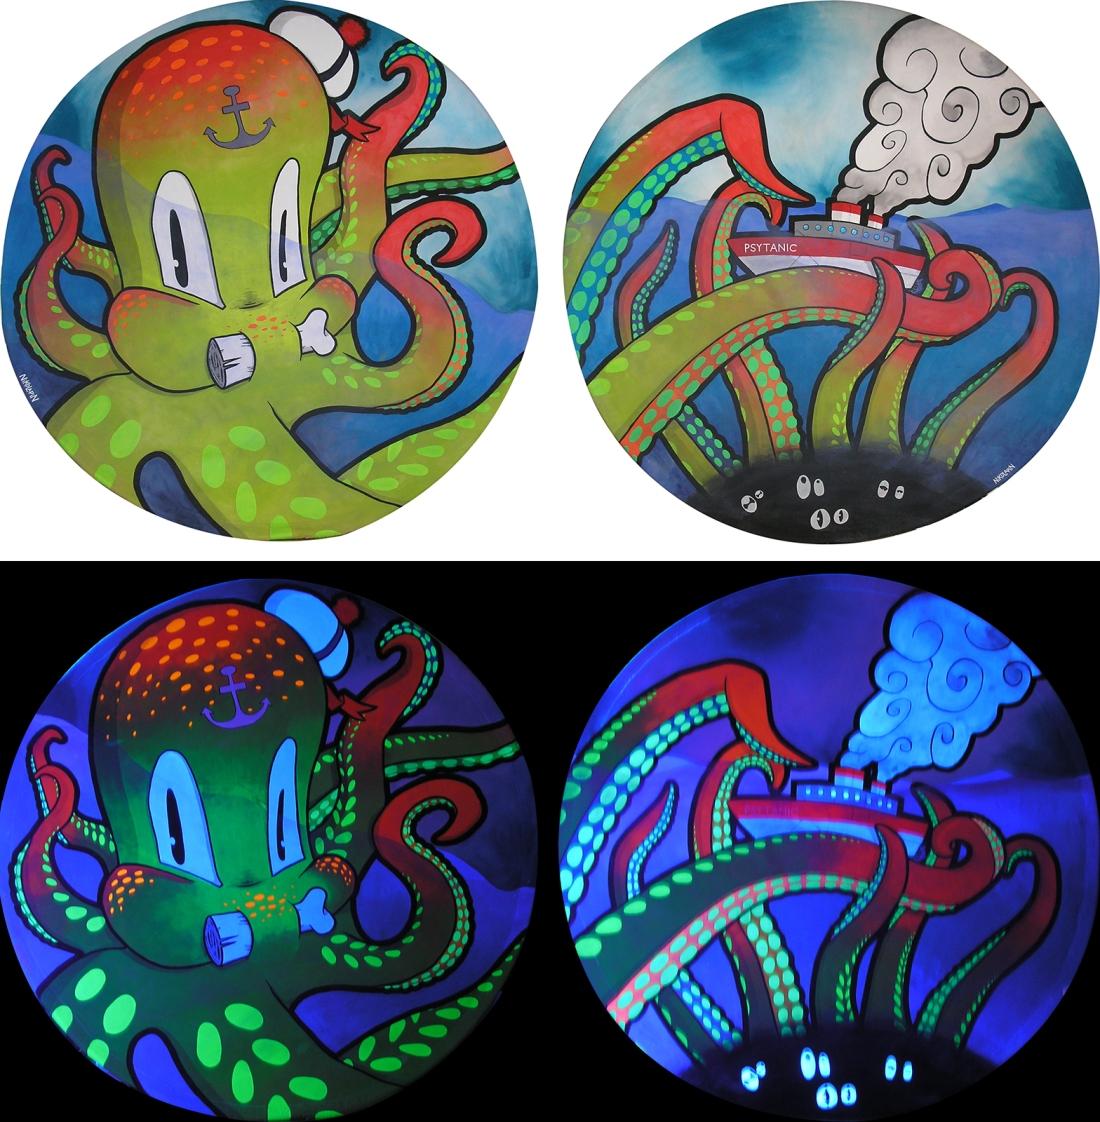 Peinture fluorescente d'un octopus avec le psytanic